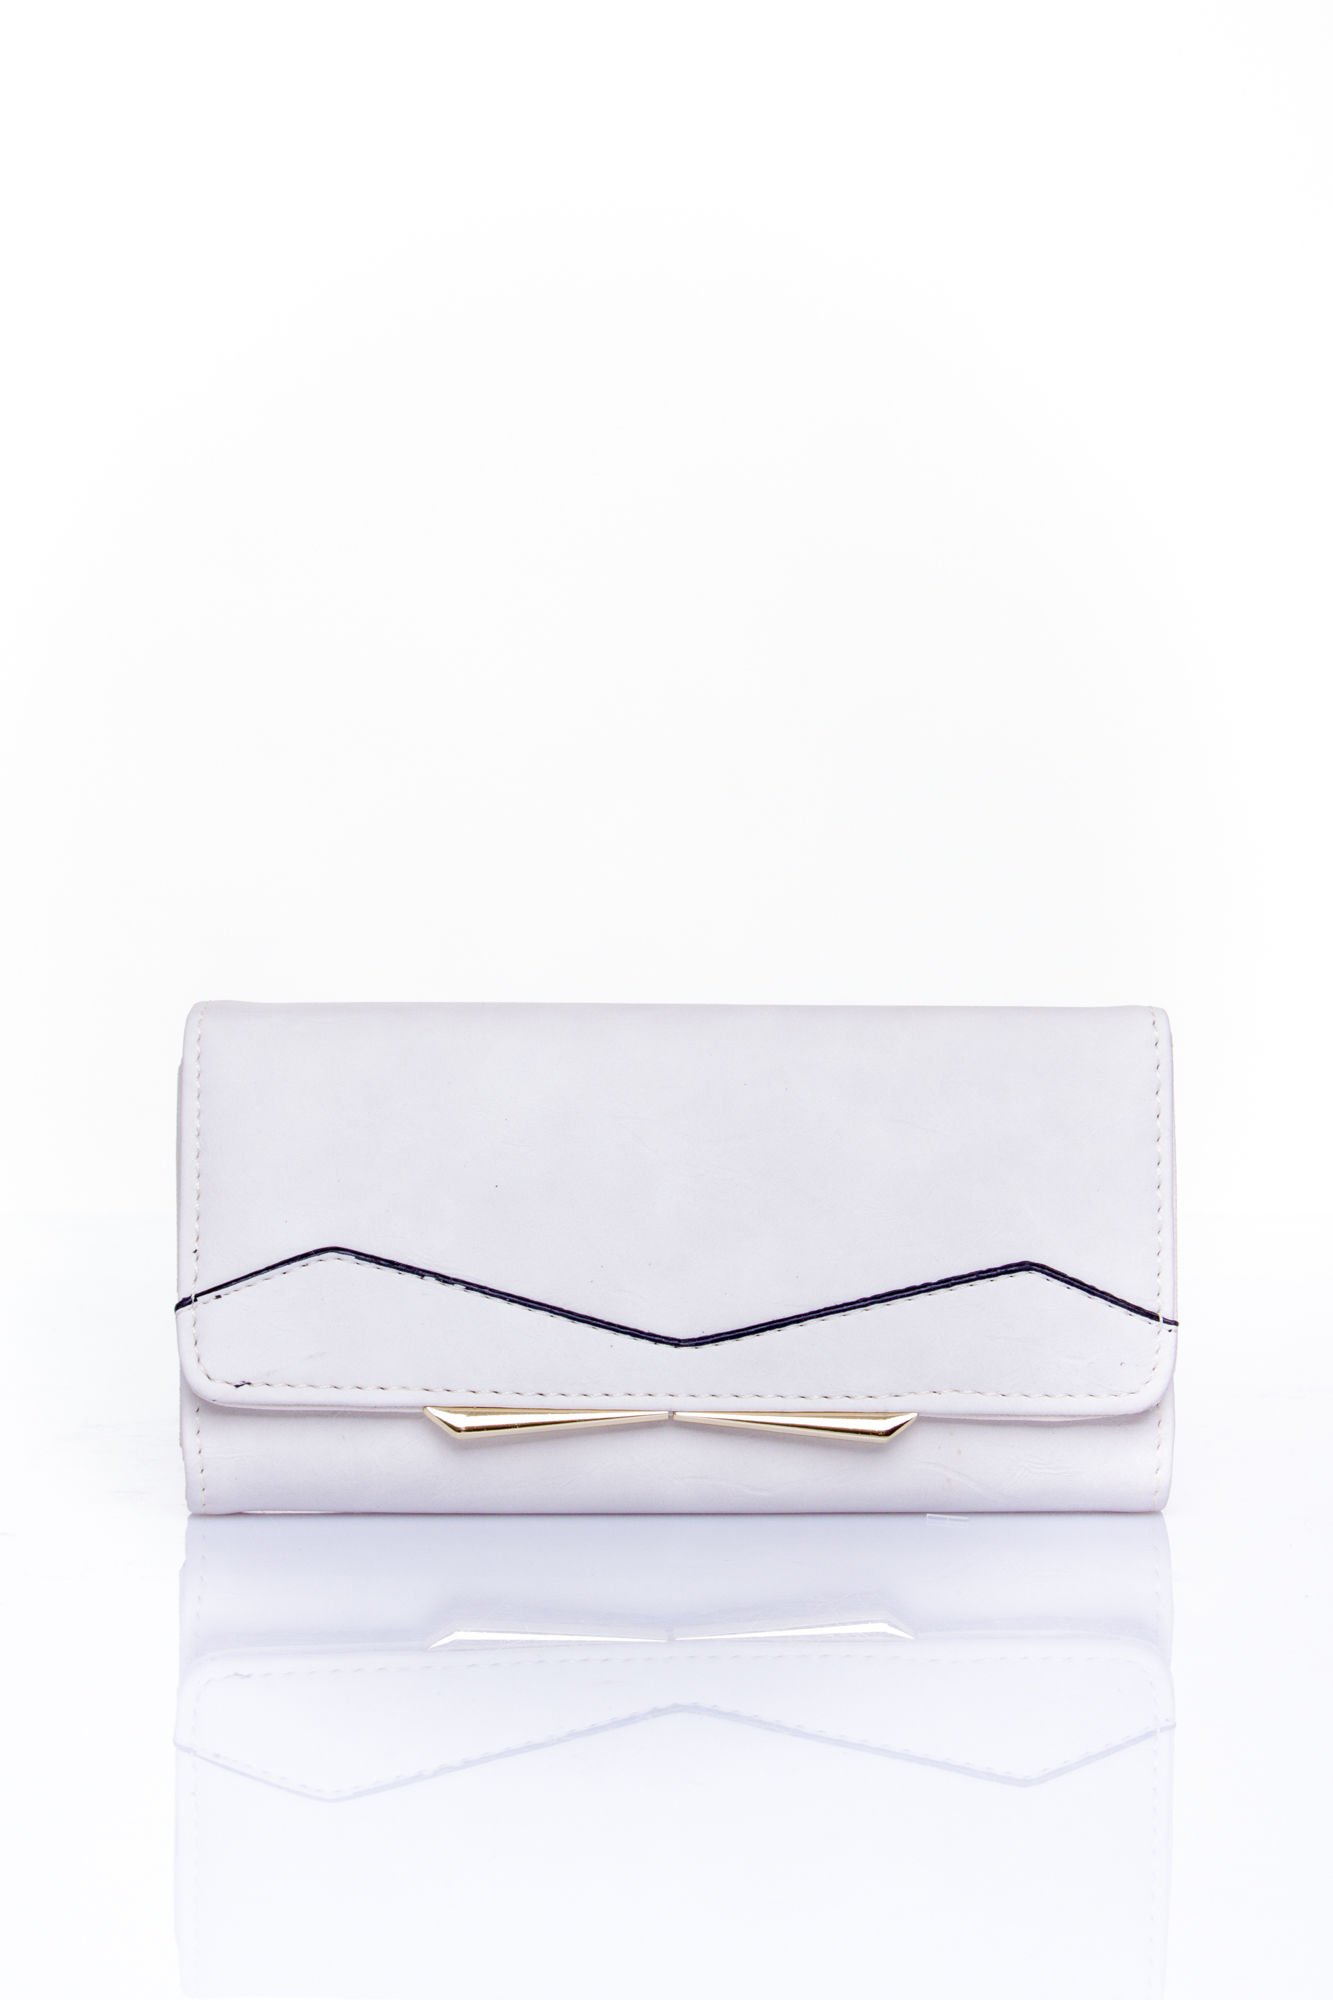 Biały zamszowy portfel z geometrycznym motywem                                  zdj.                                  1